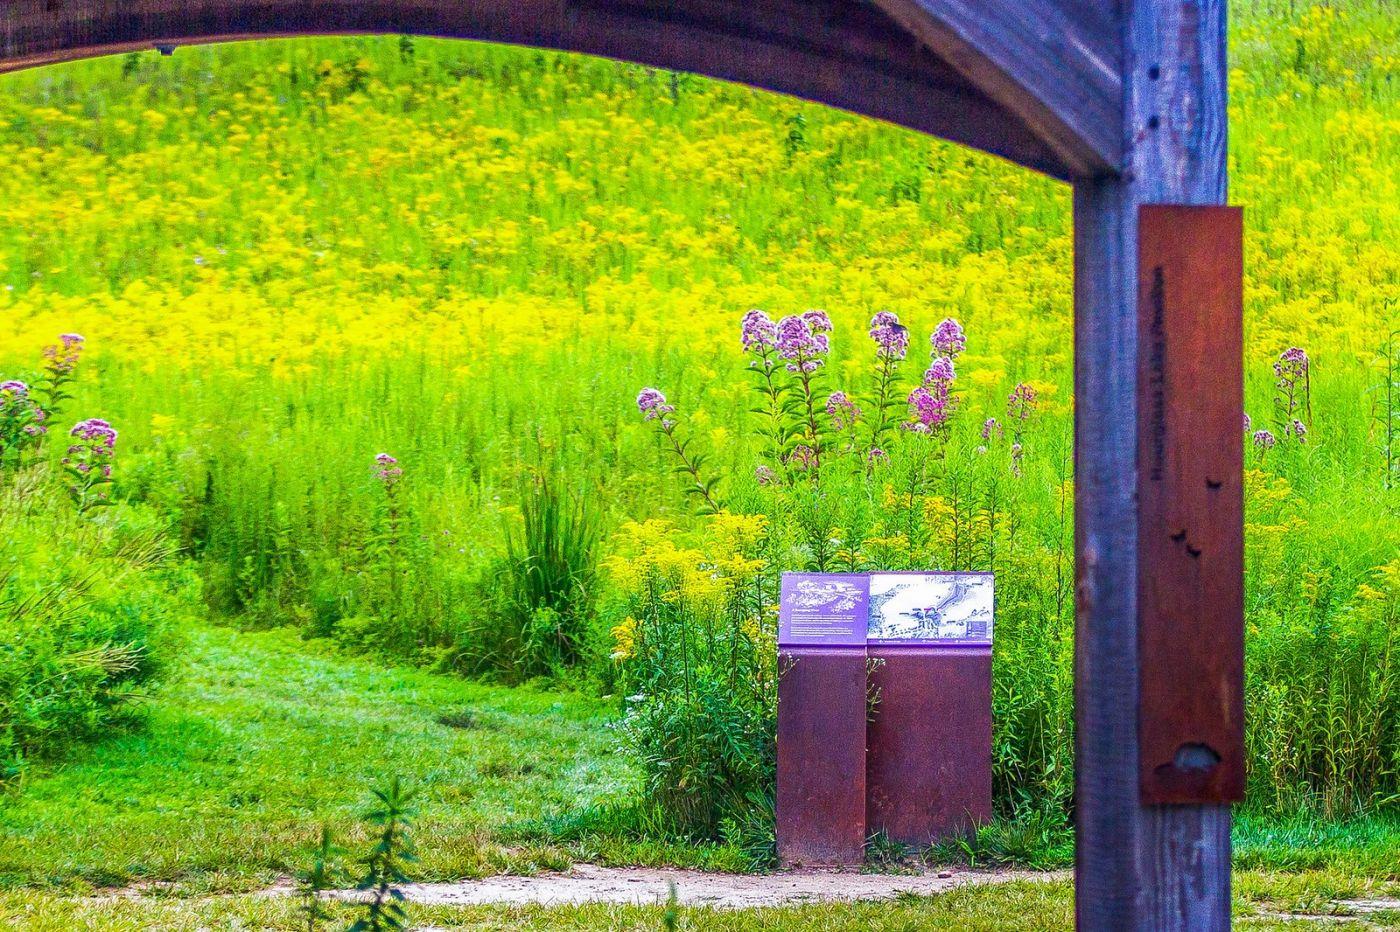 宾州长木公园,熟悉的景色_图1-38